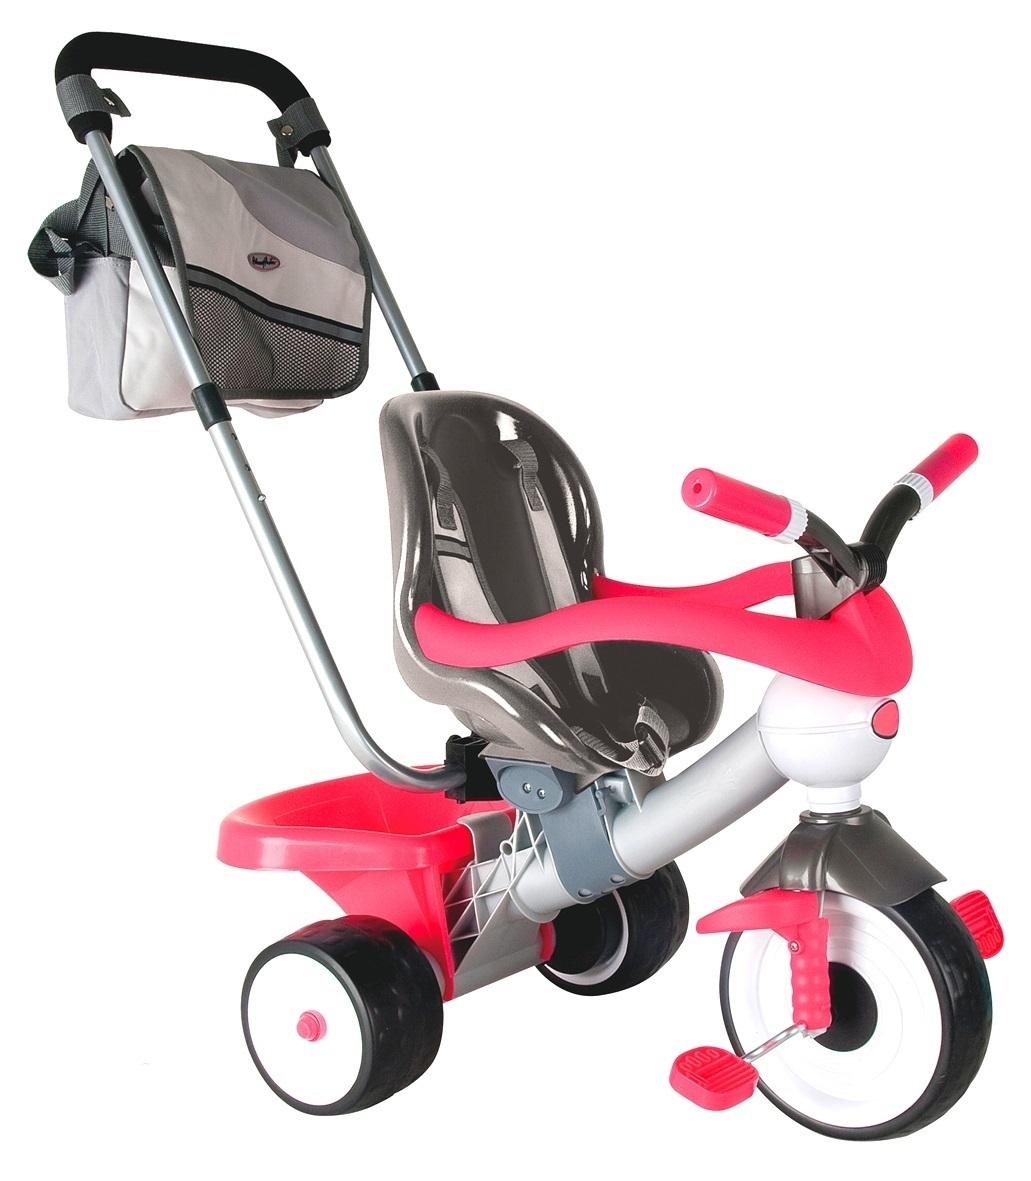 Детский трехколесный велосипед Coloma Comfort Angel Pink Aluminium, 3464RTВелосипеды детские<br>Детский трехколесный велосипед Coloma Comfort Angel Pink Aluminium, 3464RT<br>